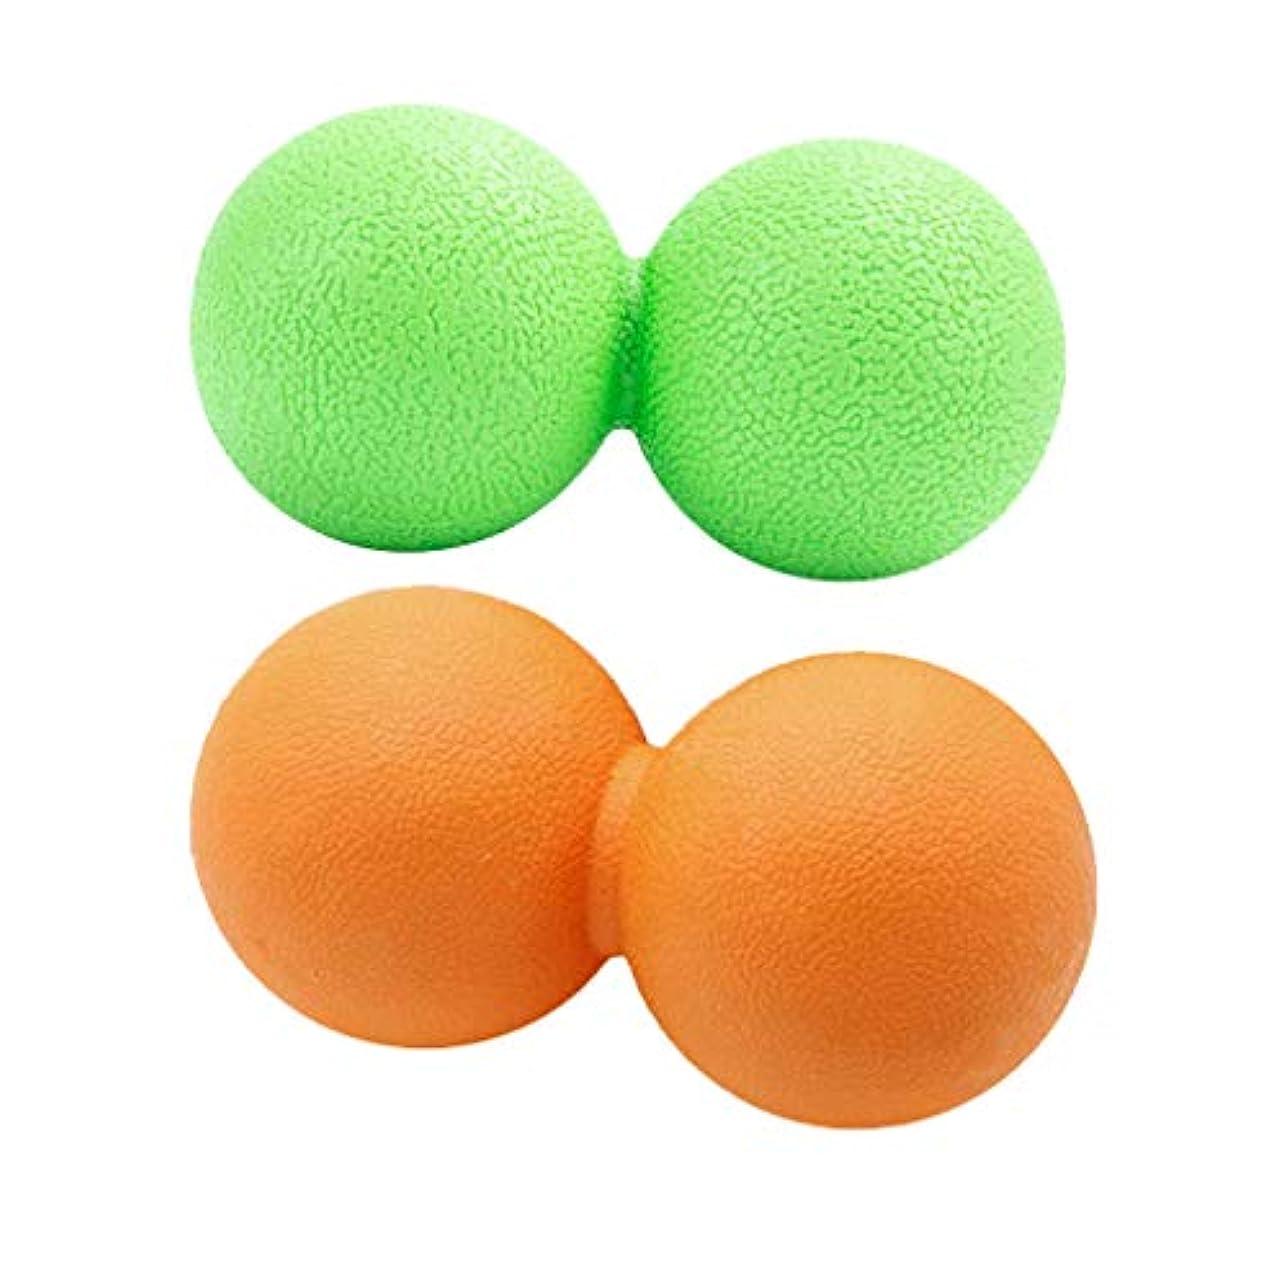 臨検赤生まれF Fityle マッサージボール ピーナッツ型 筋膜リリース トリガーポイント 緊張緩和 健康グッズ 2個入